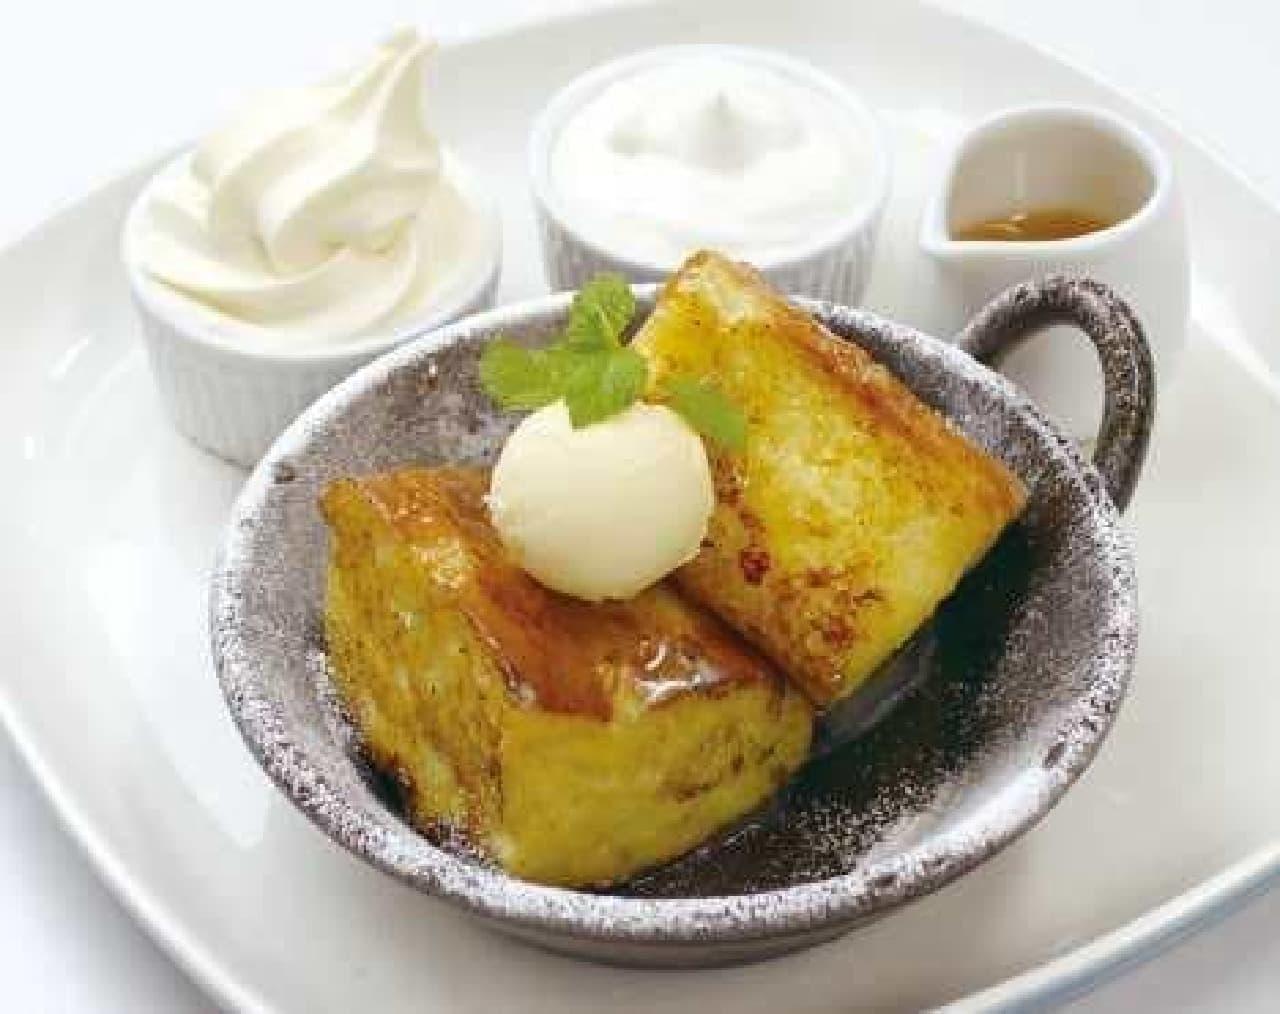 発酵バターと蜂蜜のフレンチフォカッチャ ~北海道生乳ソフトクリーム~ (850円)